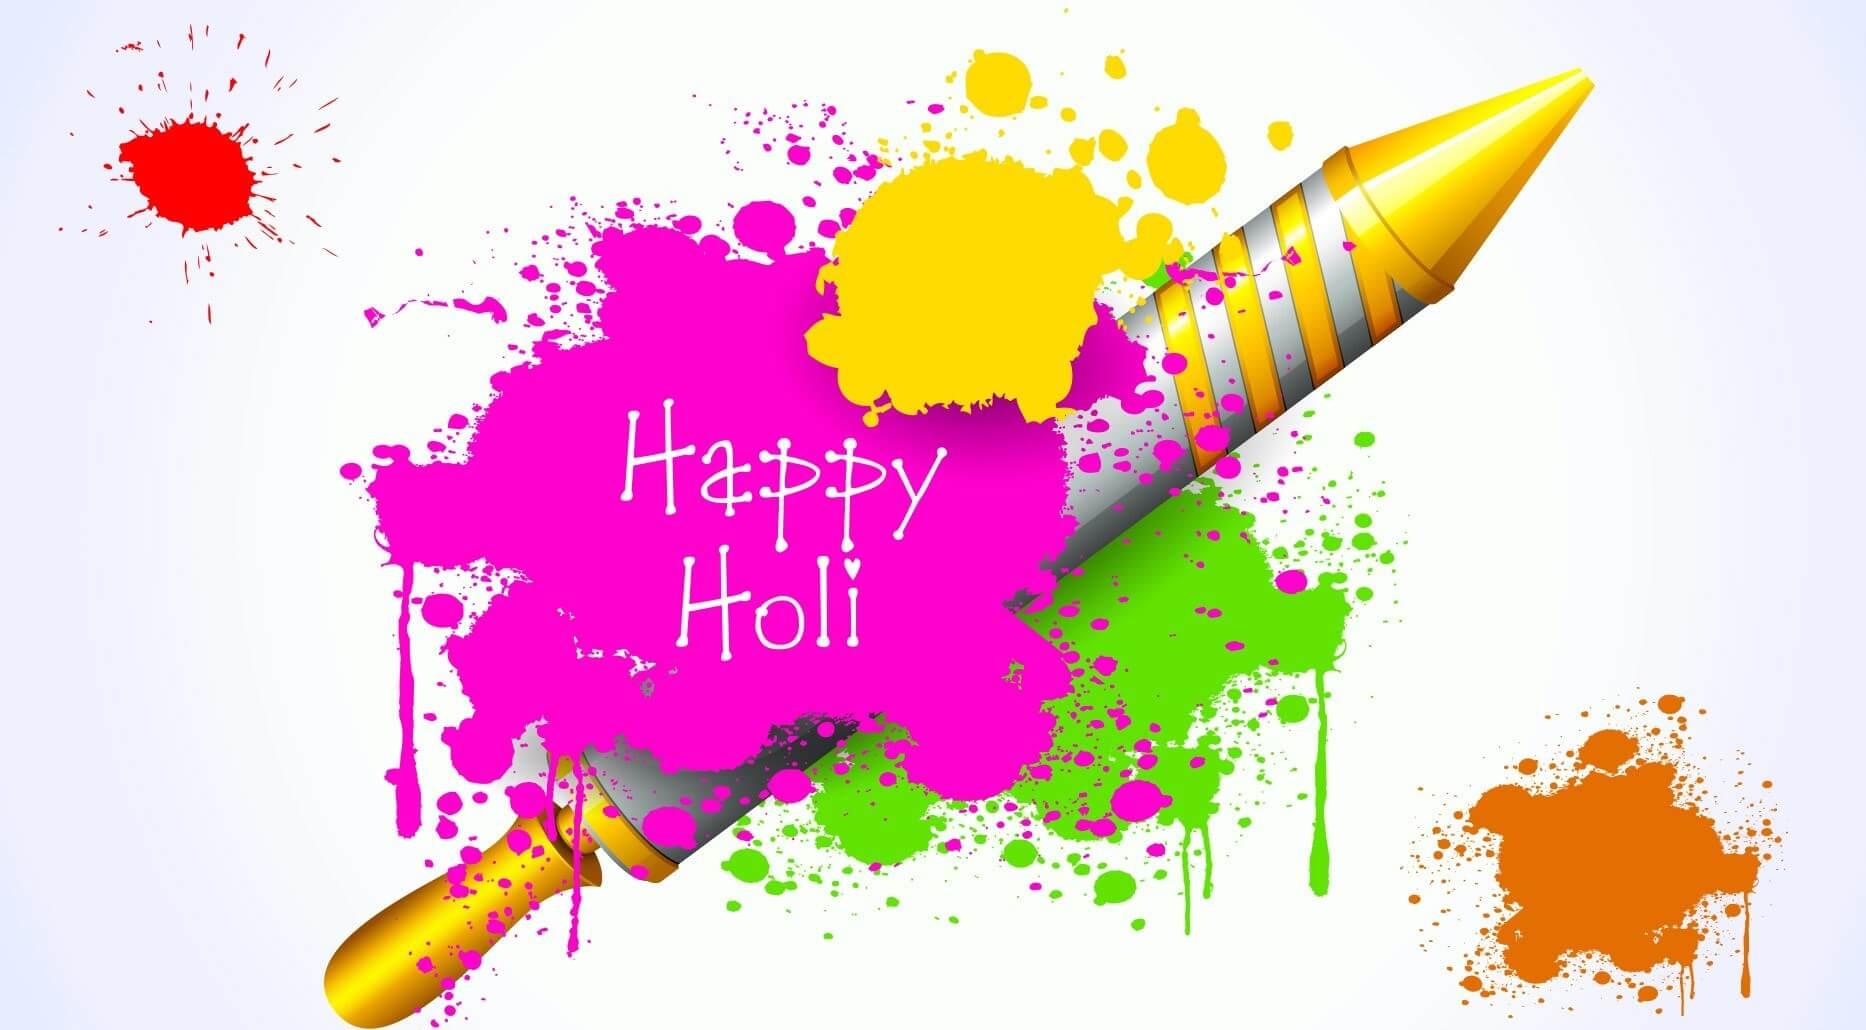 happy holi 2019 colors and pichkari photo image